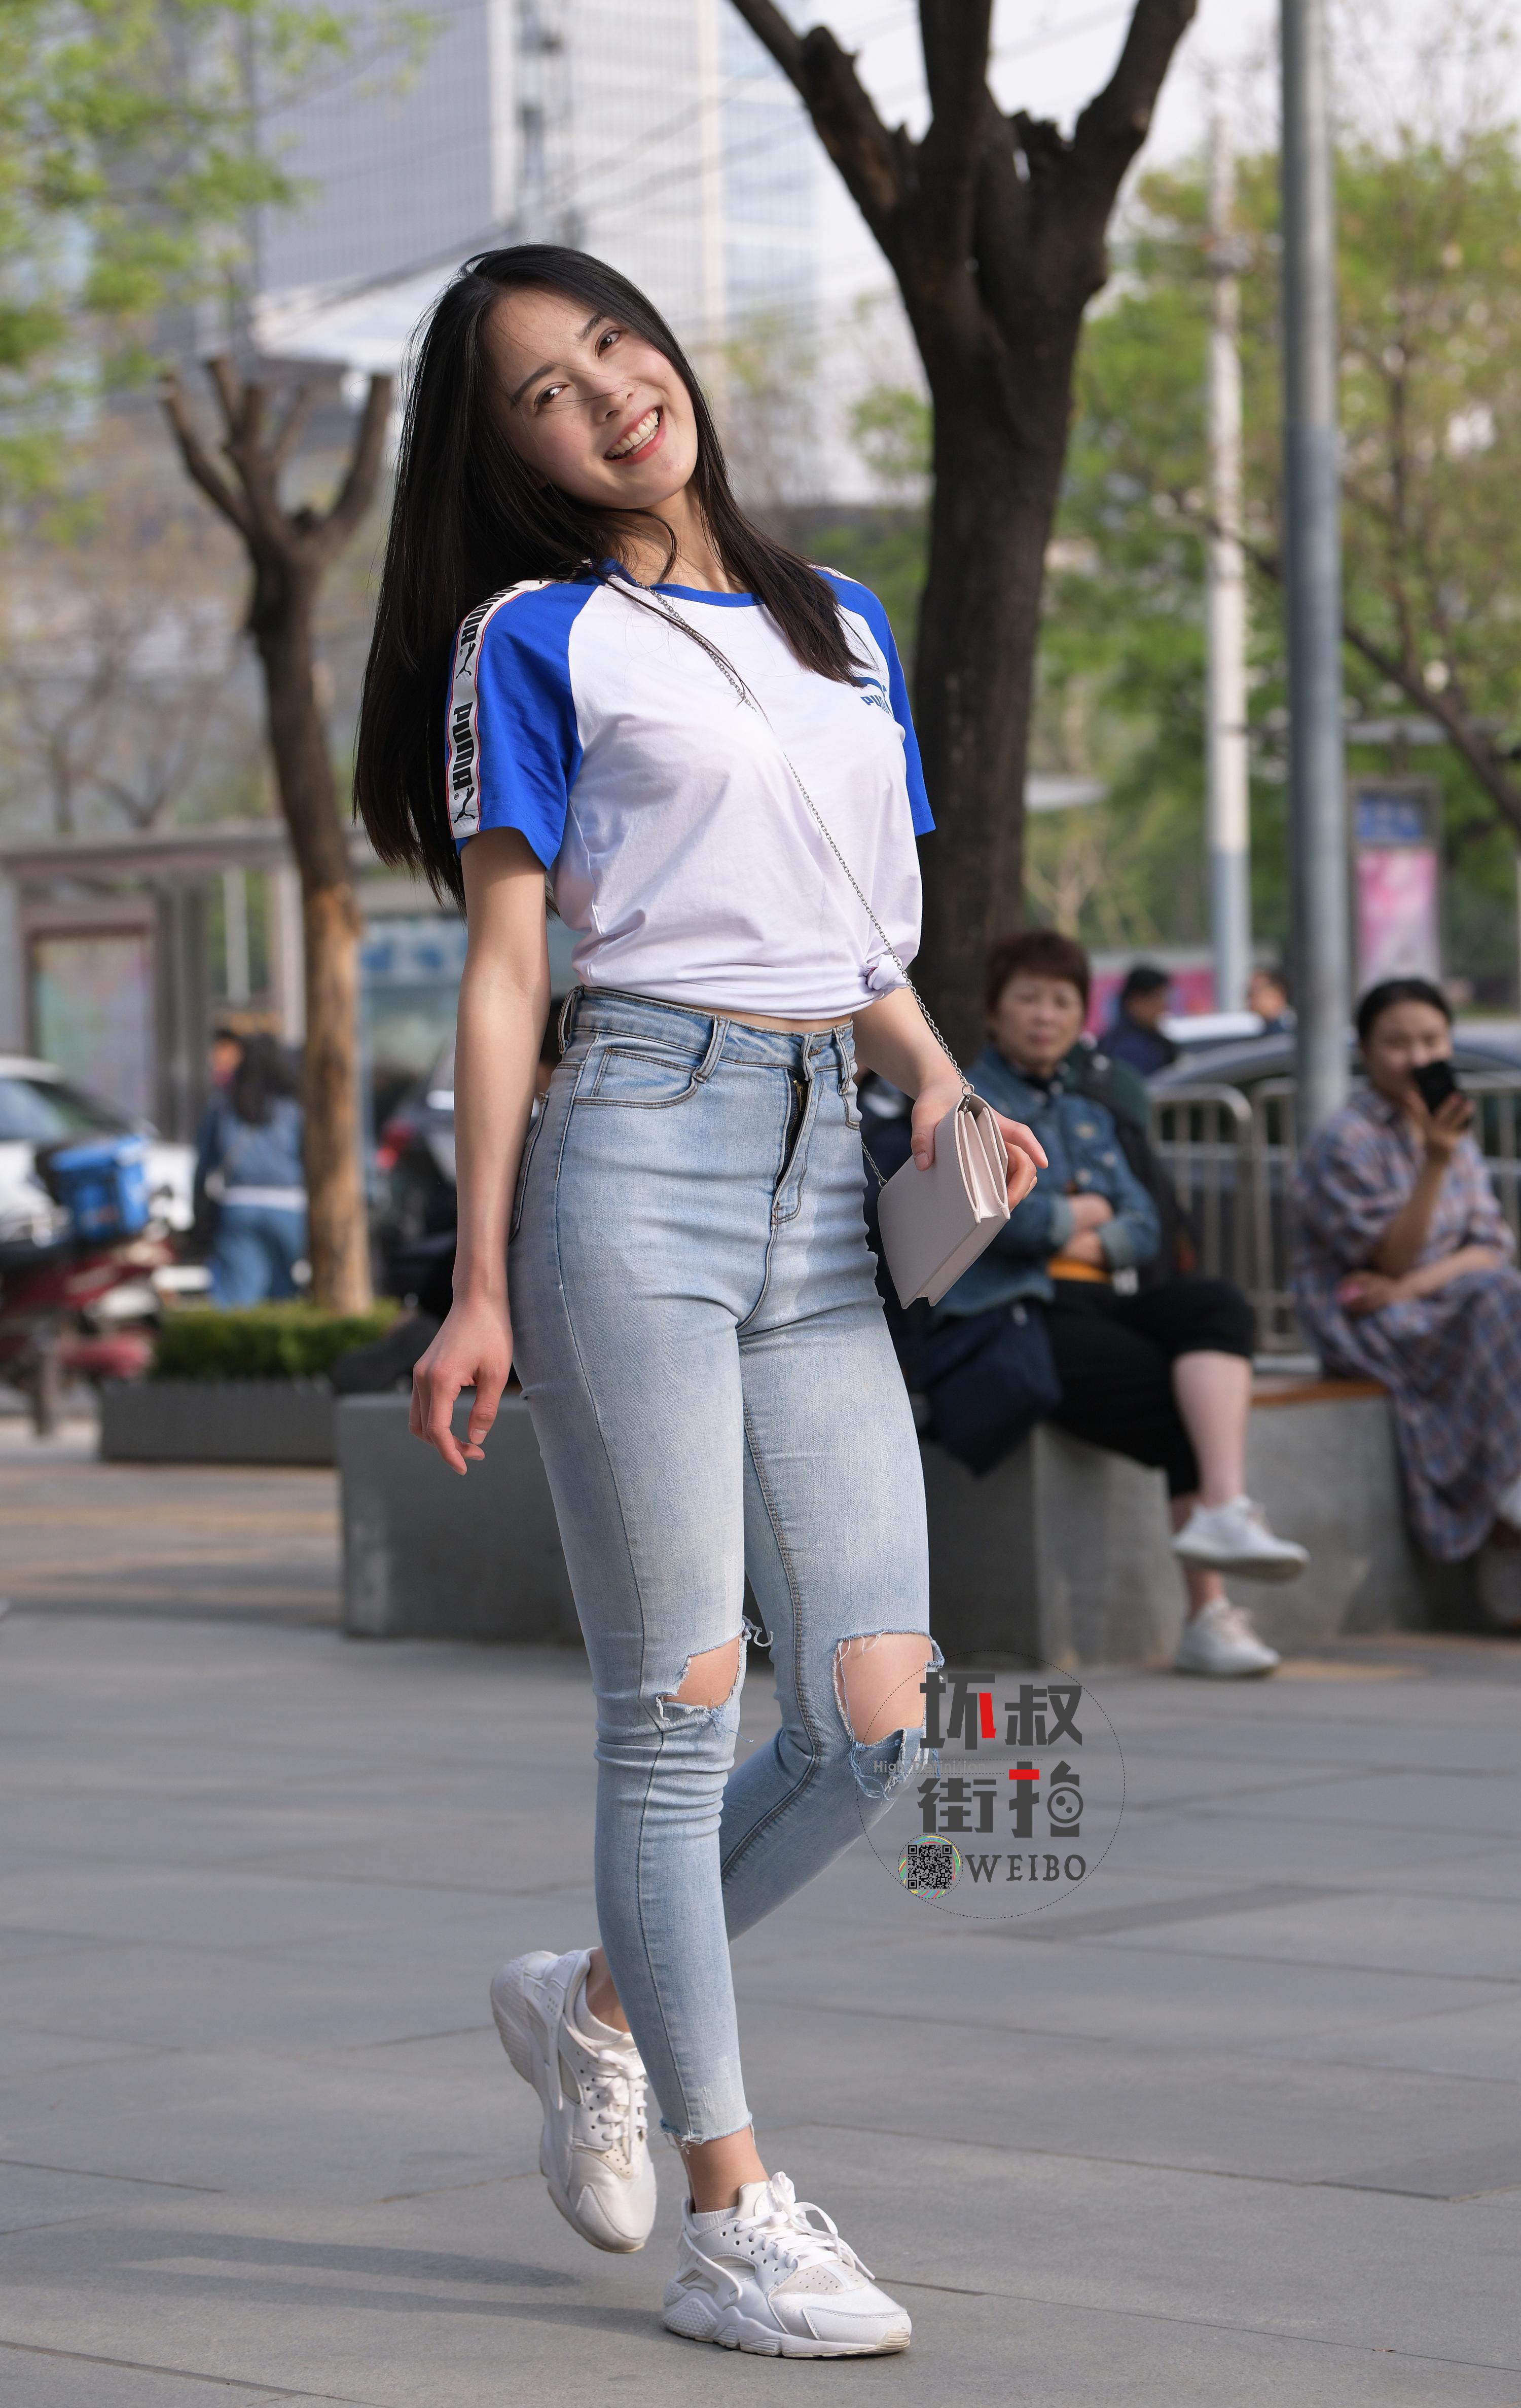 热门视频图片段子福利第84期:陕北民歌  福利社吧  图131